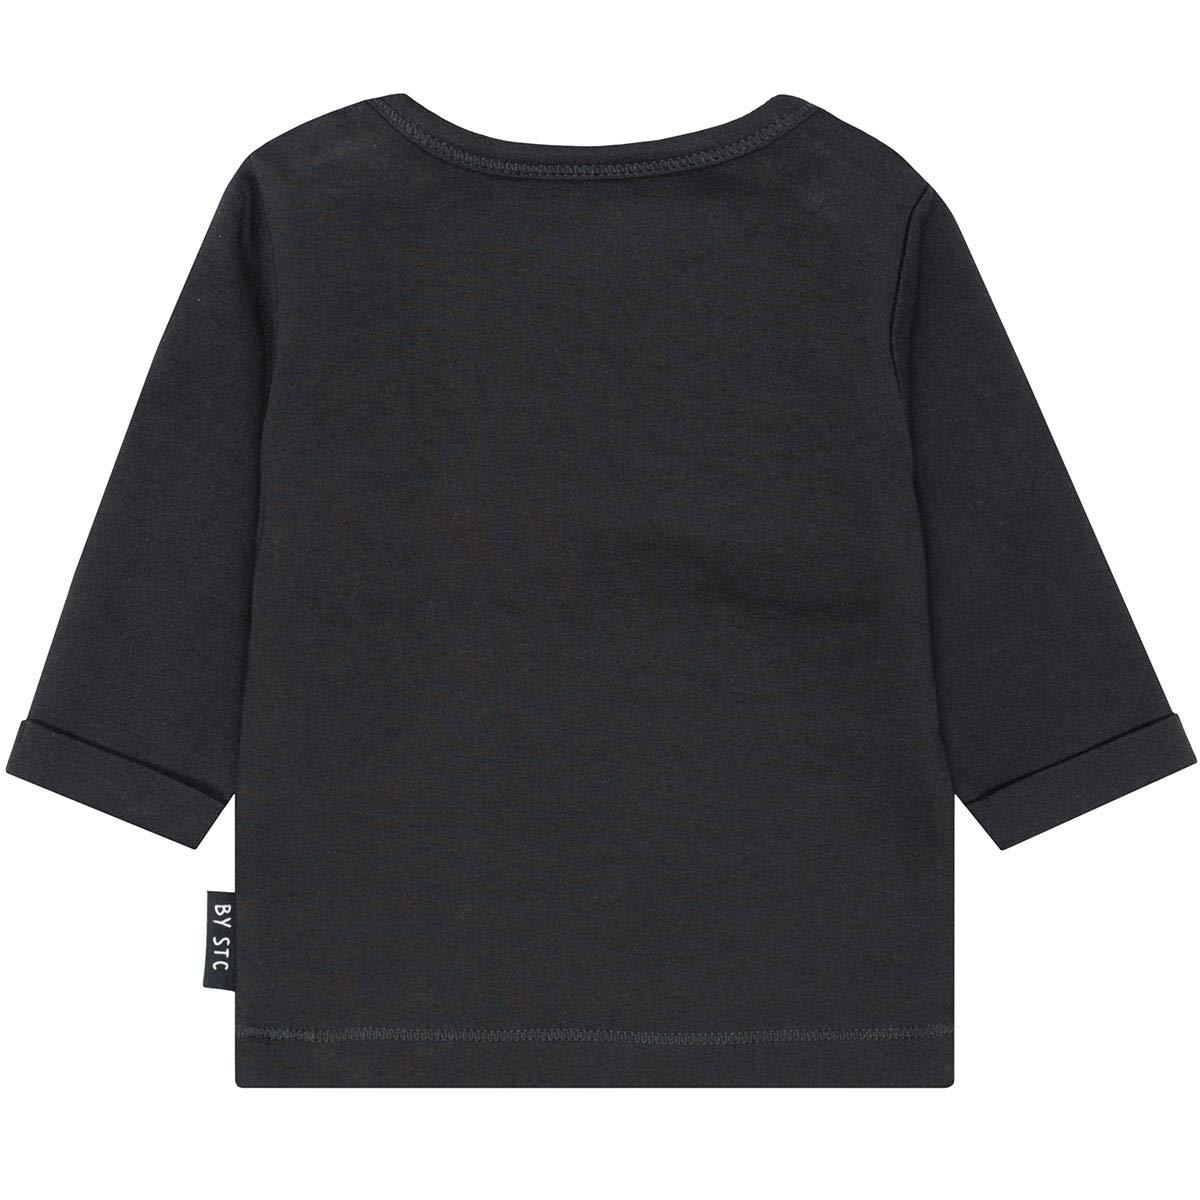 230070721 Schwarz Staccato Unisex Baby Organic Cotton Shirt Best Baby Ever